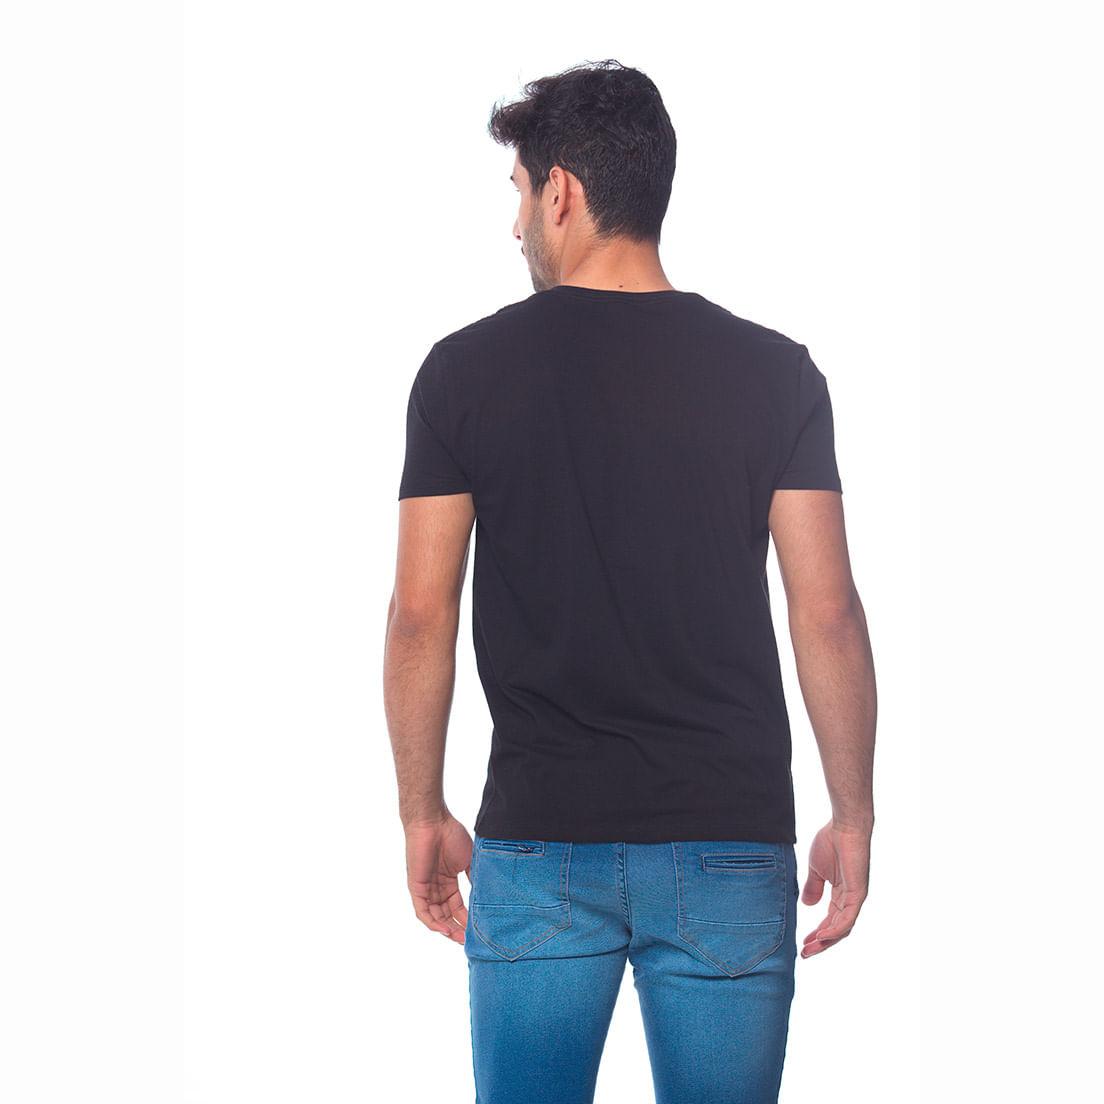 Camiseta Osmoze Gola V 2 110112811 Preto